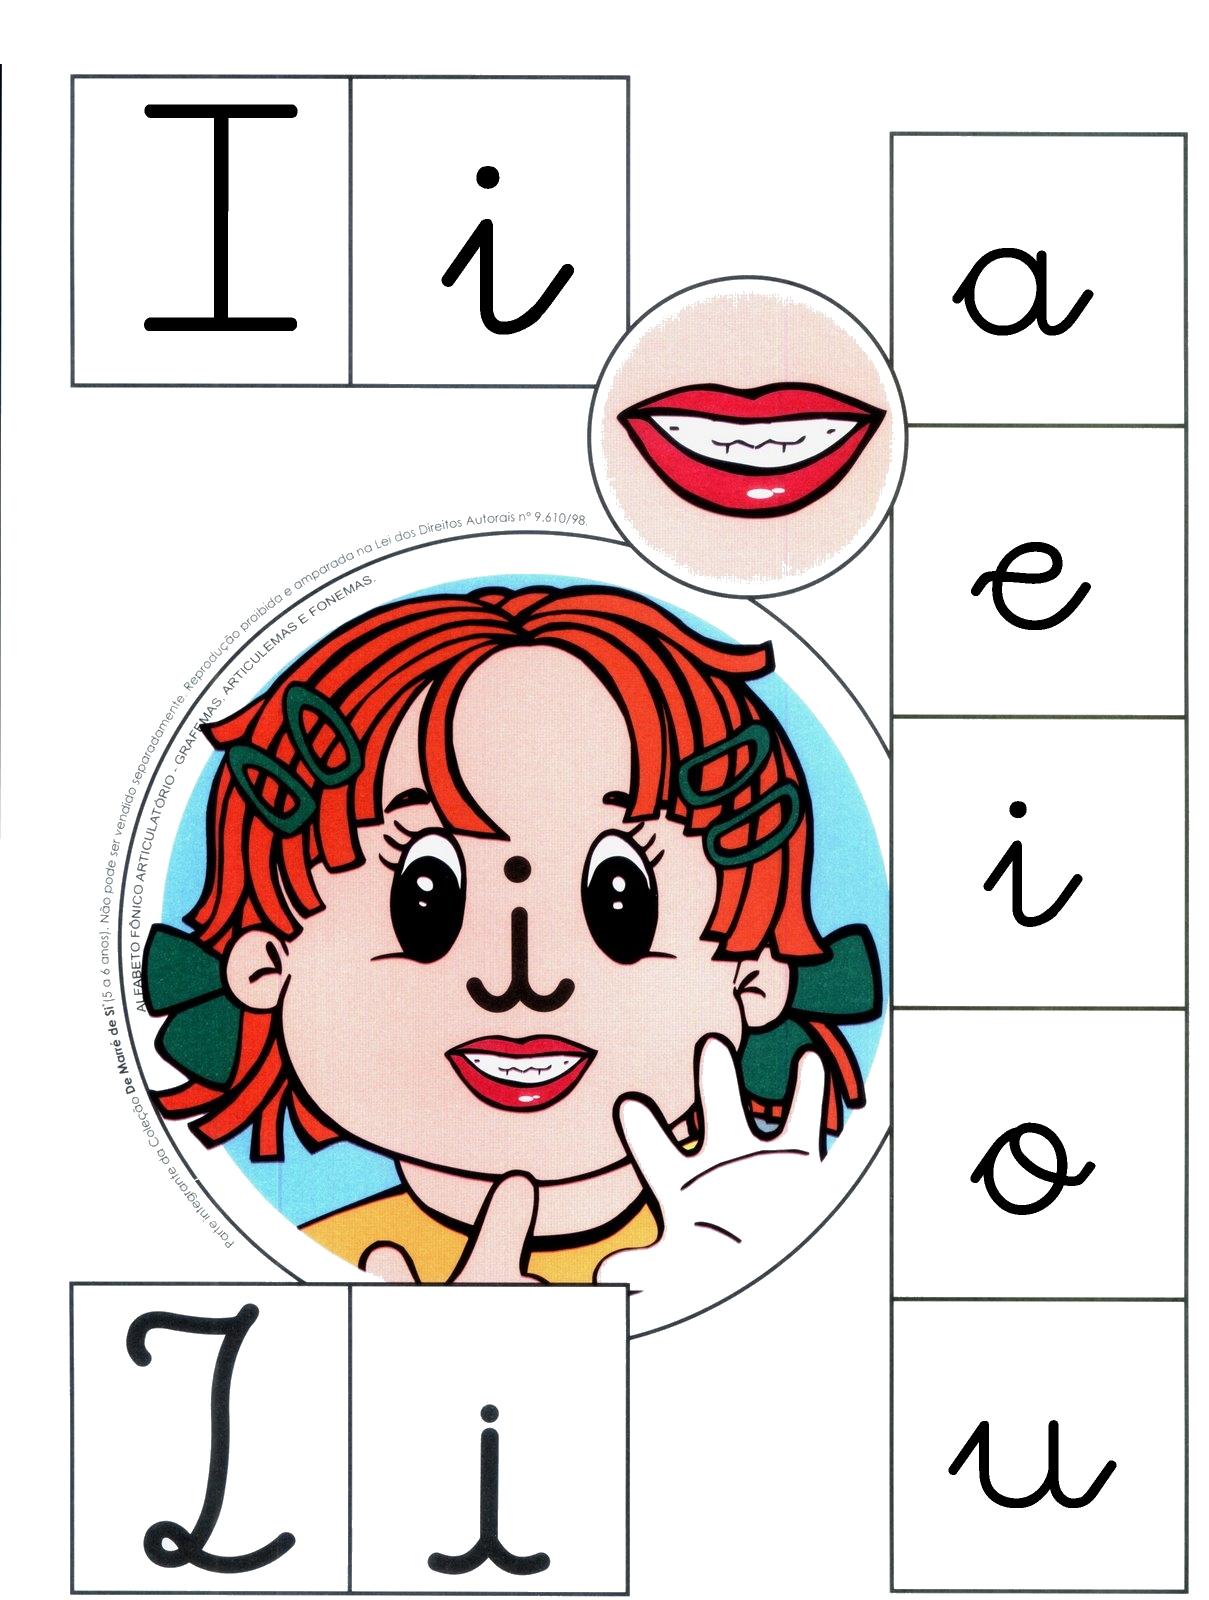 con la que hemos trabajado la segmentacion silabica de palabras y la